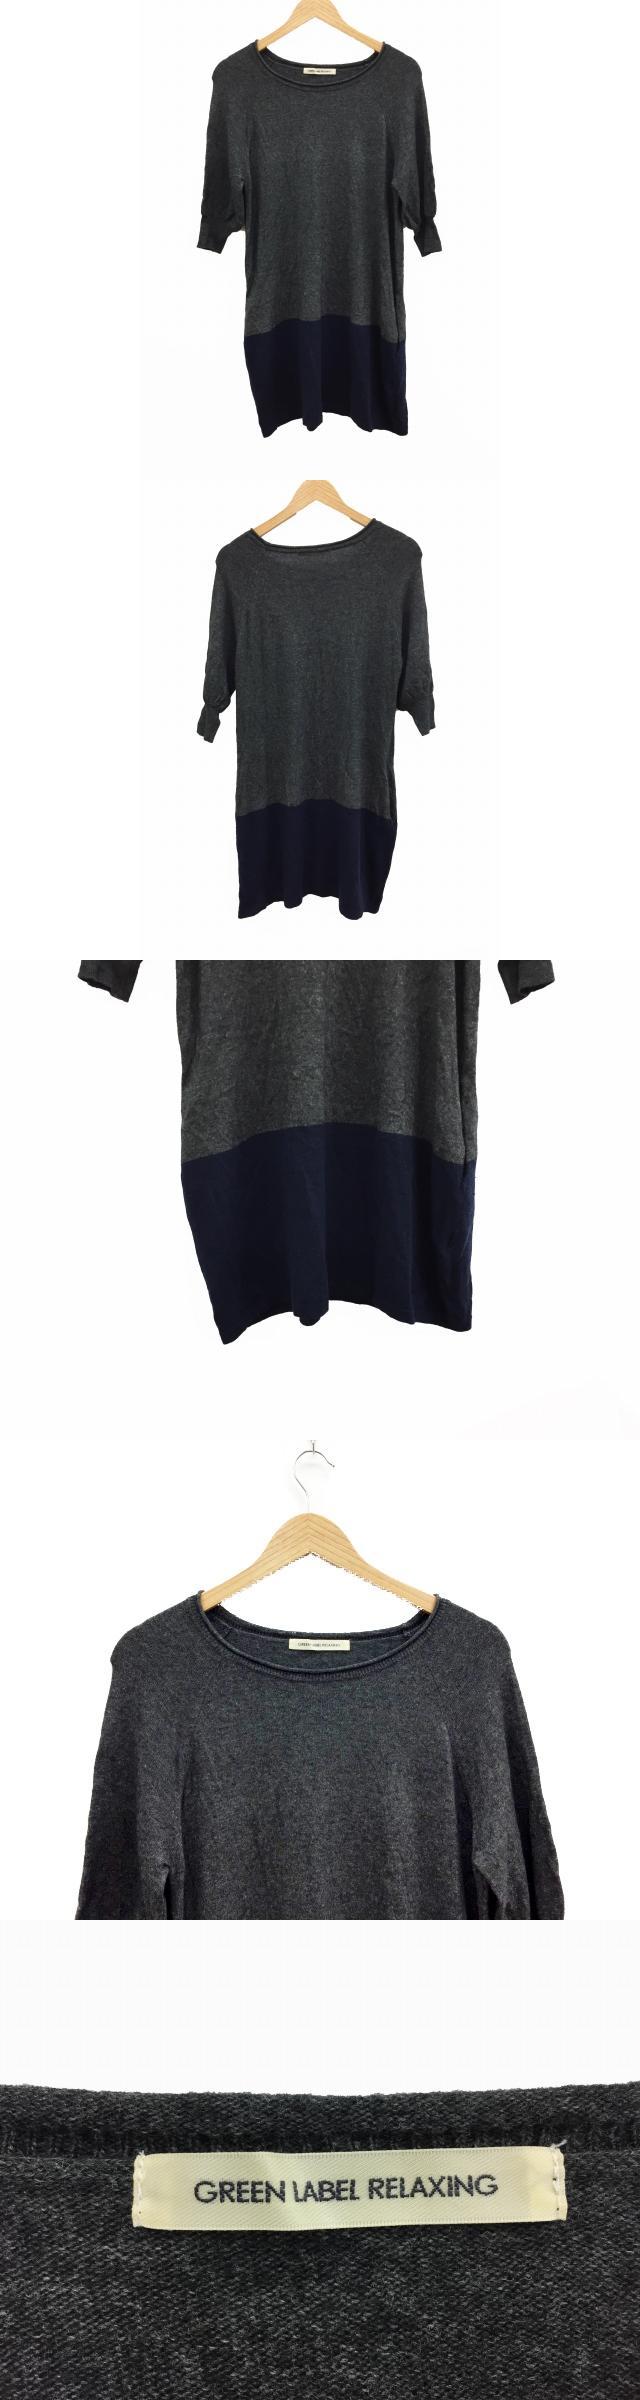 ワンピース ニット ミニ 七分袖 バイカラー ウール混 F グレー 紺 ネイビー /KN99